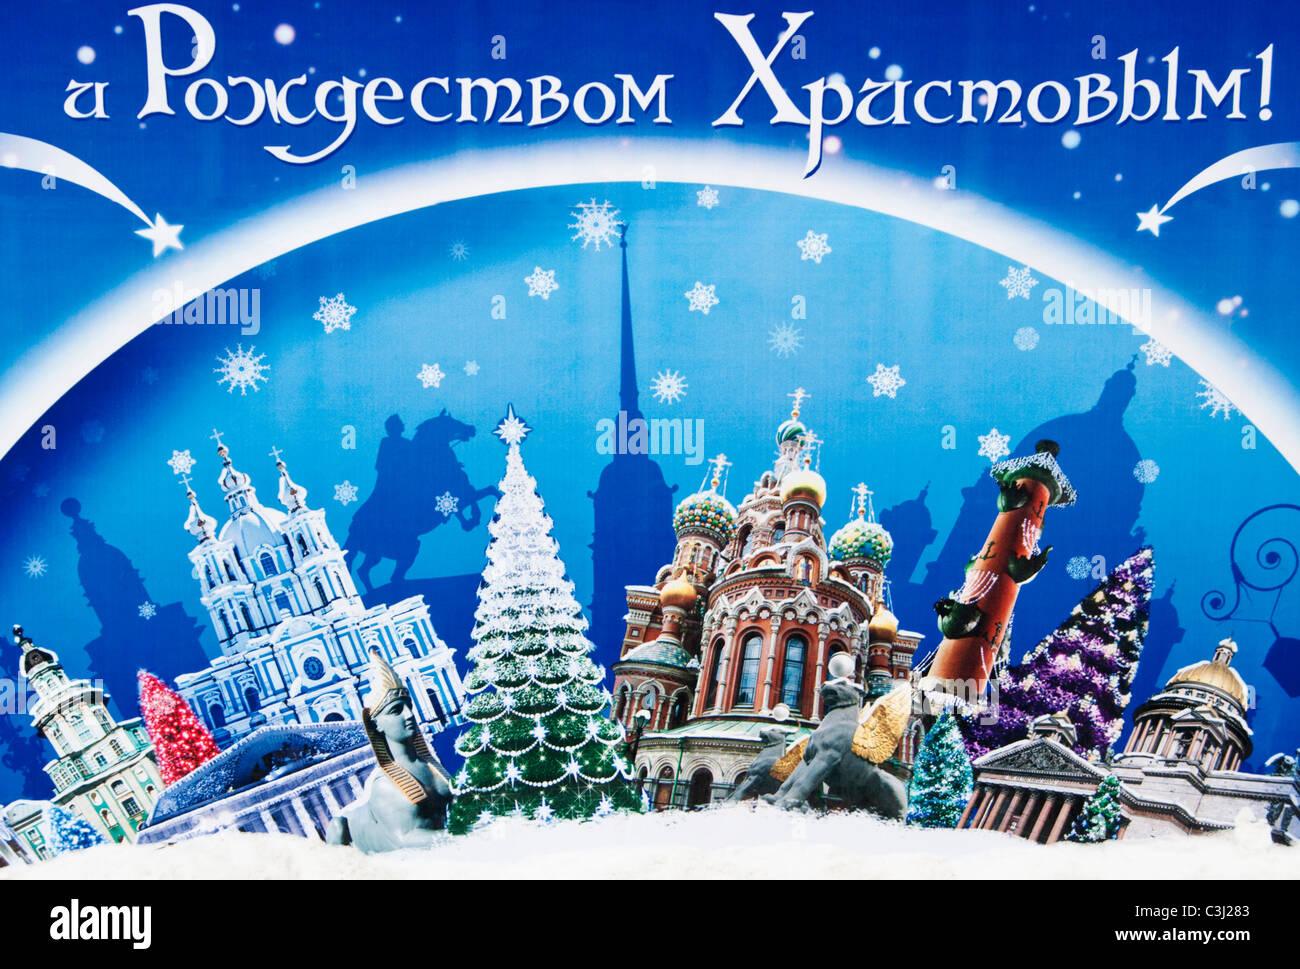 Russisch Frohe Weihnachten.Russisch Weihnachten Weihnachten 2019